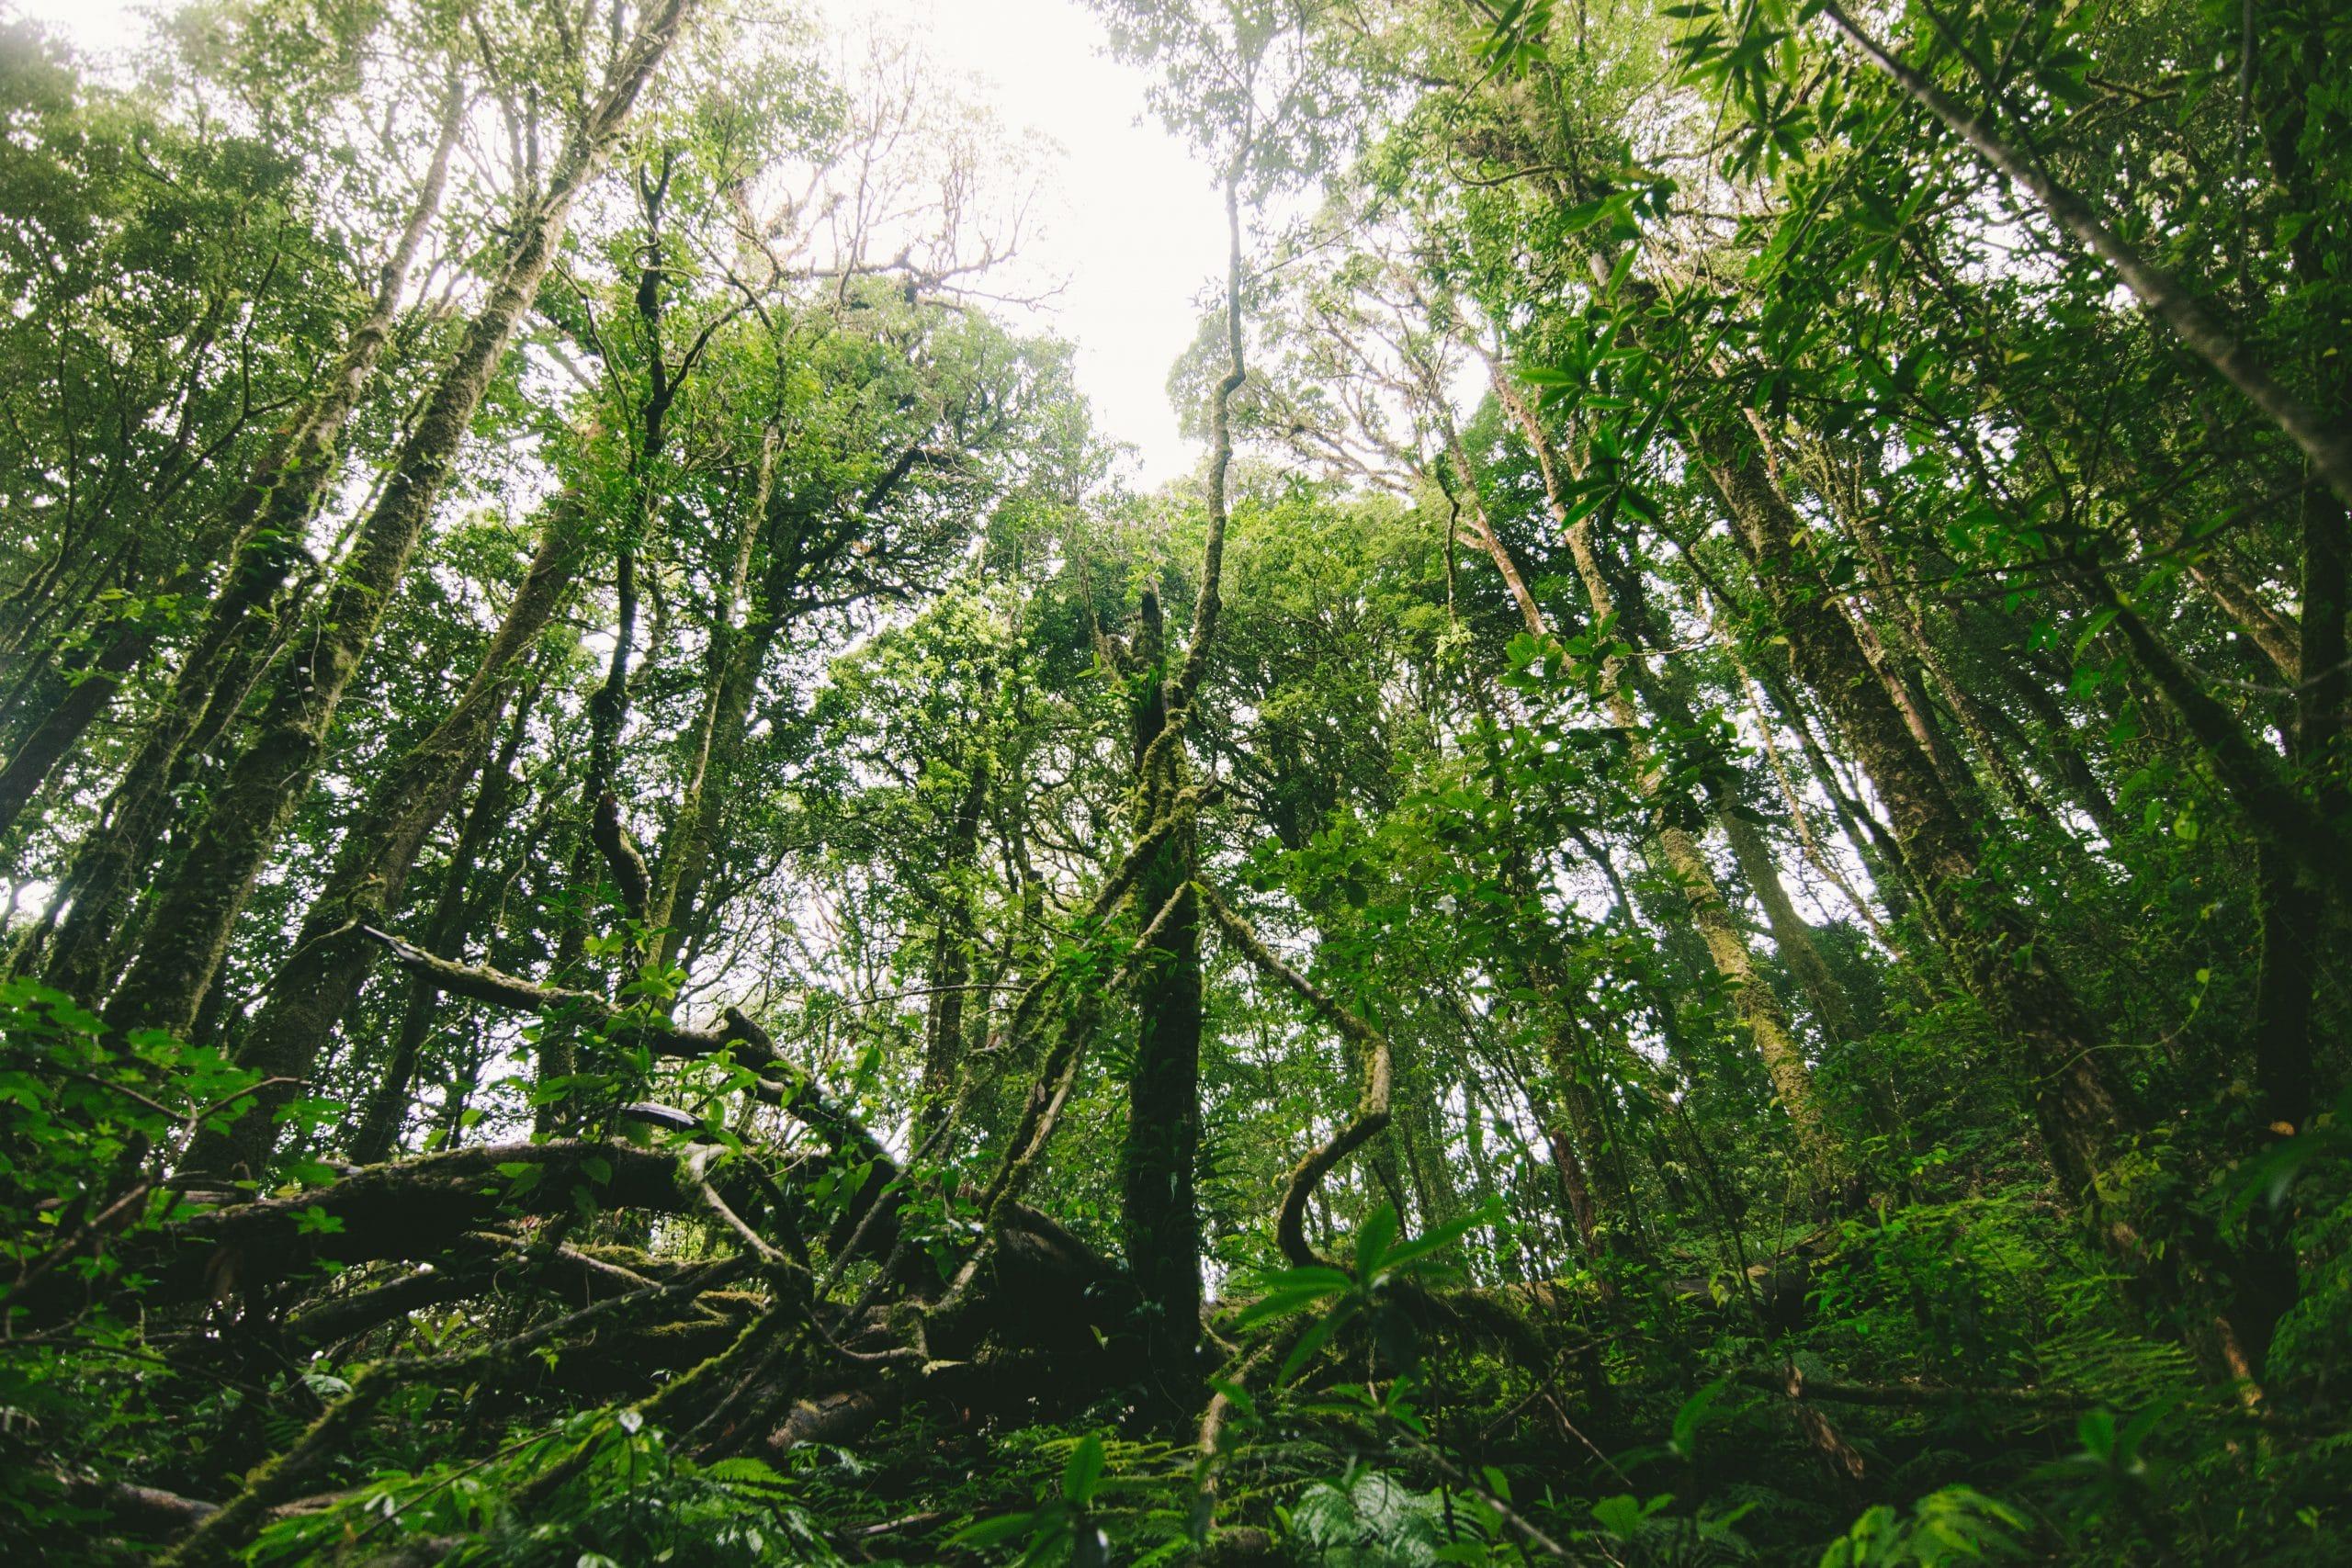 Forests under threat